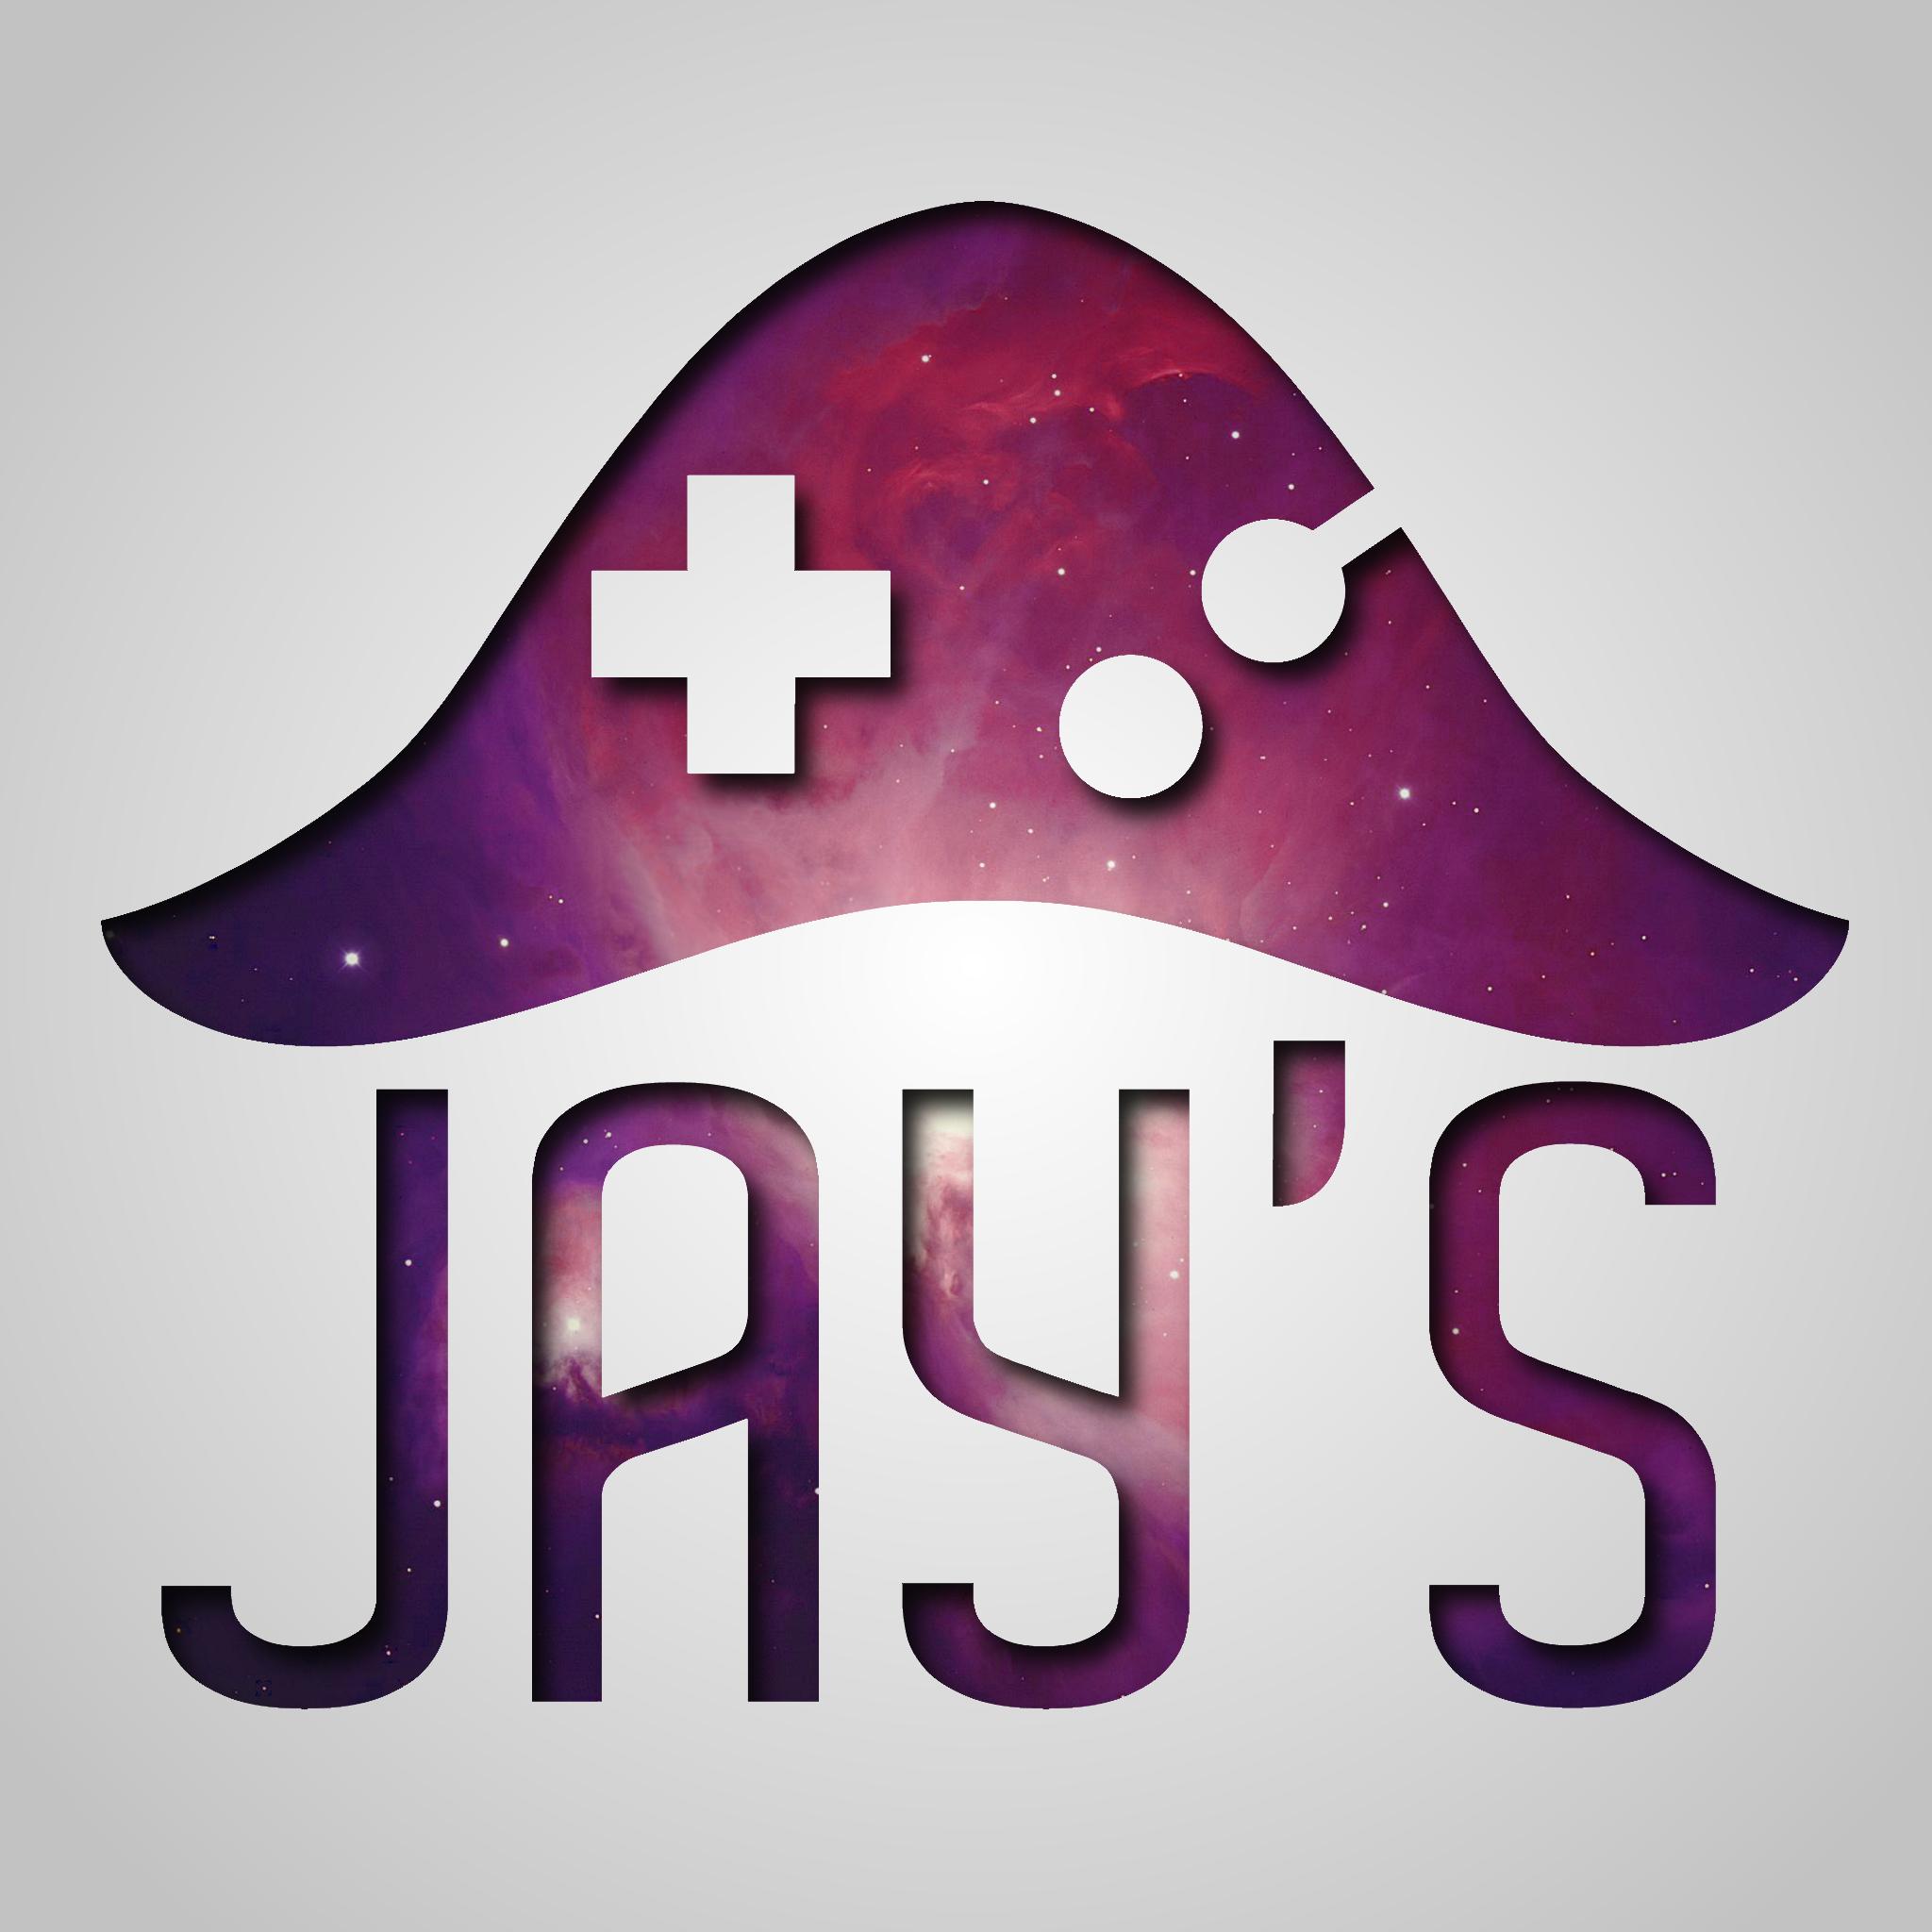 Jay's Gaming